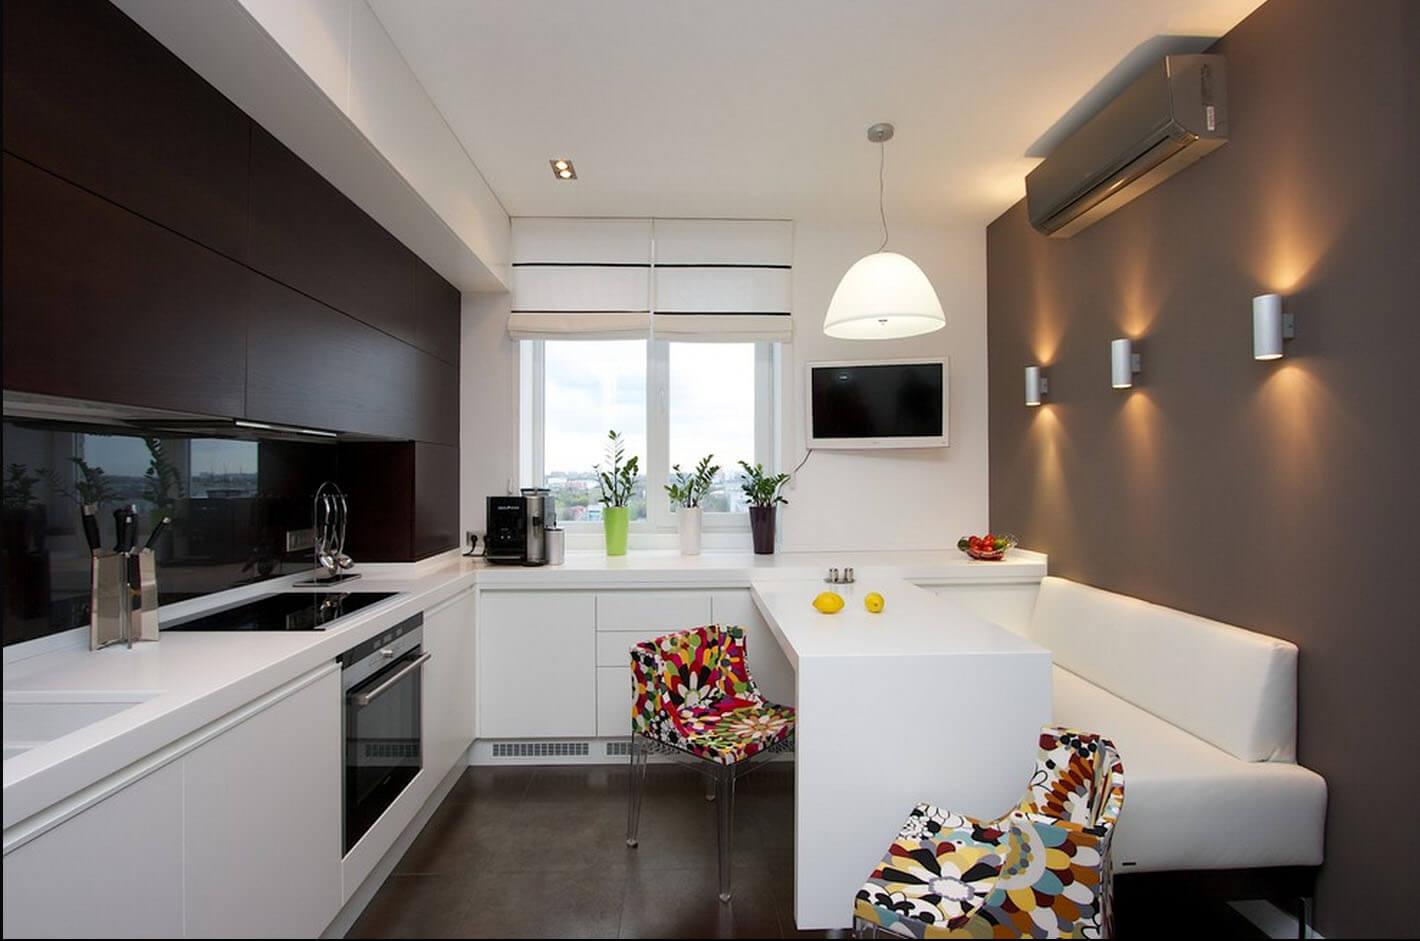 дизайн кухни площадью 9 кв.м